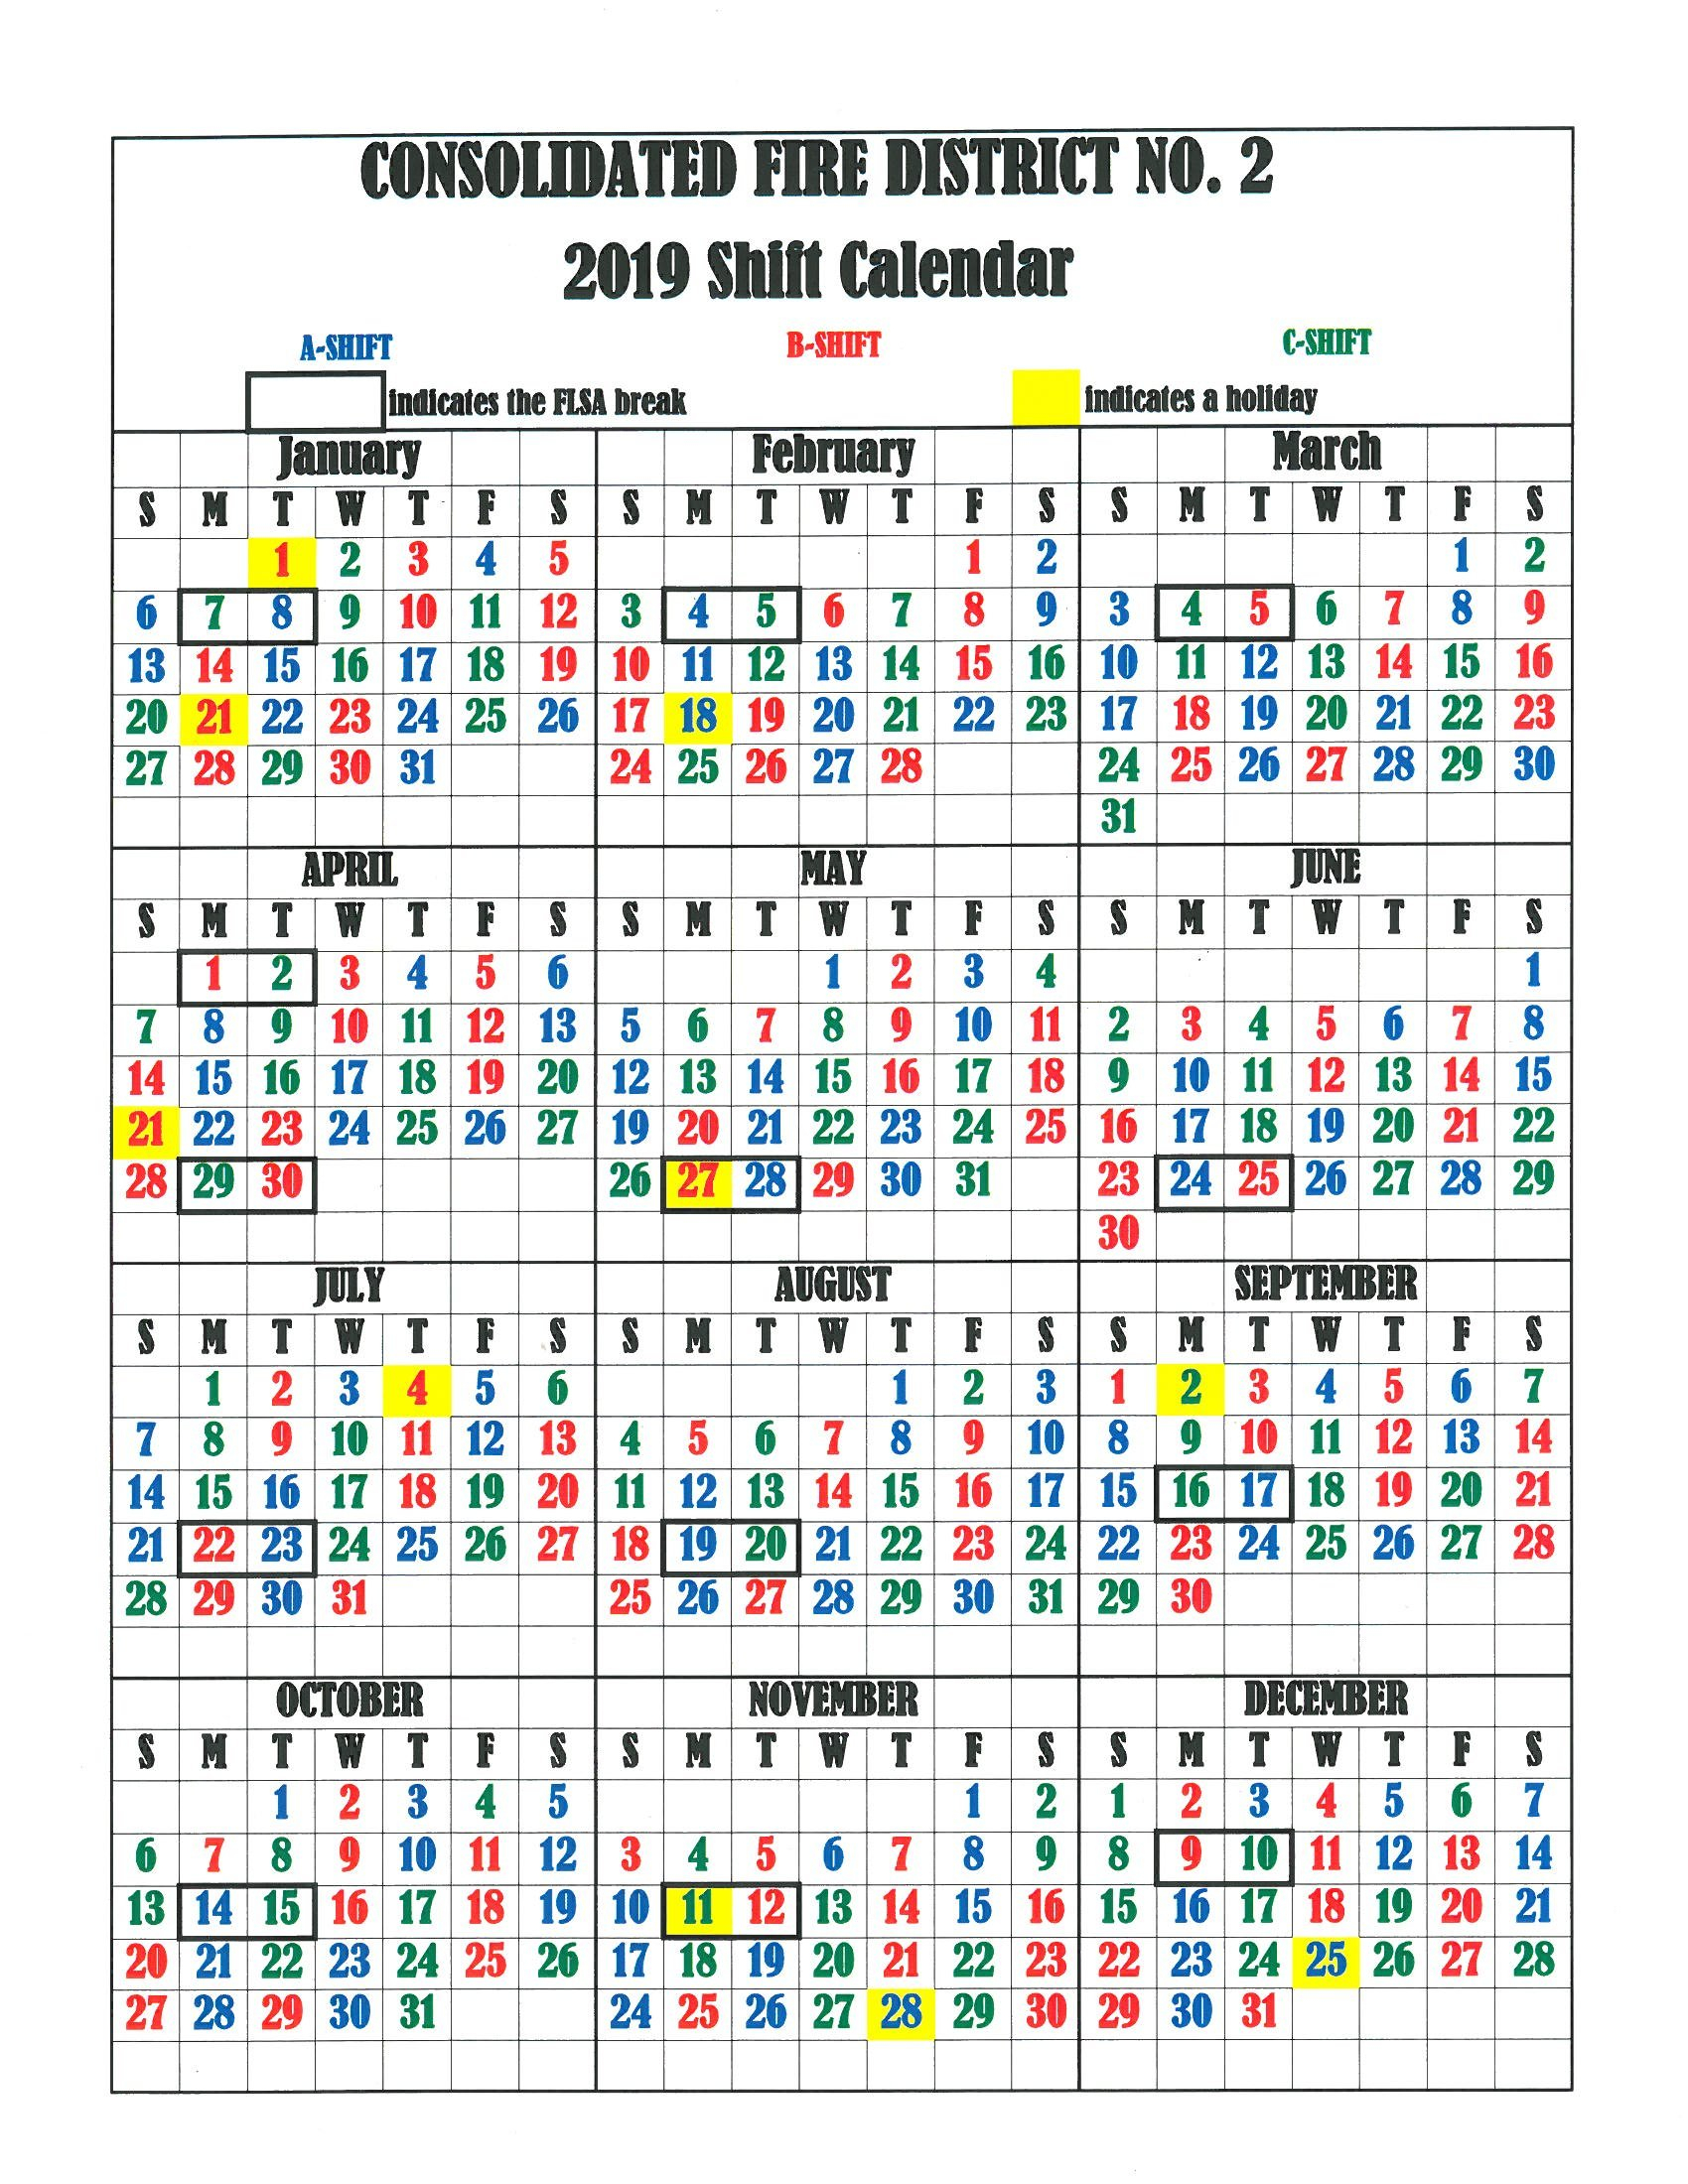 Cfd2 Shift Calendar – Consolidated Fire District #2 2/2019 Calendar